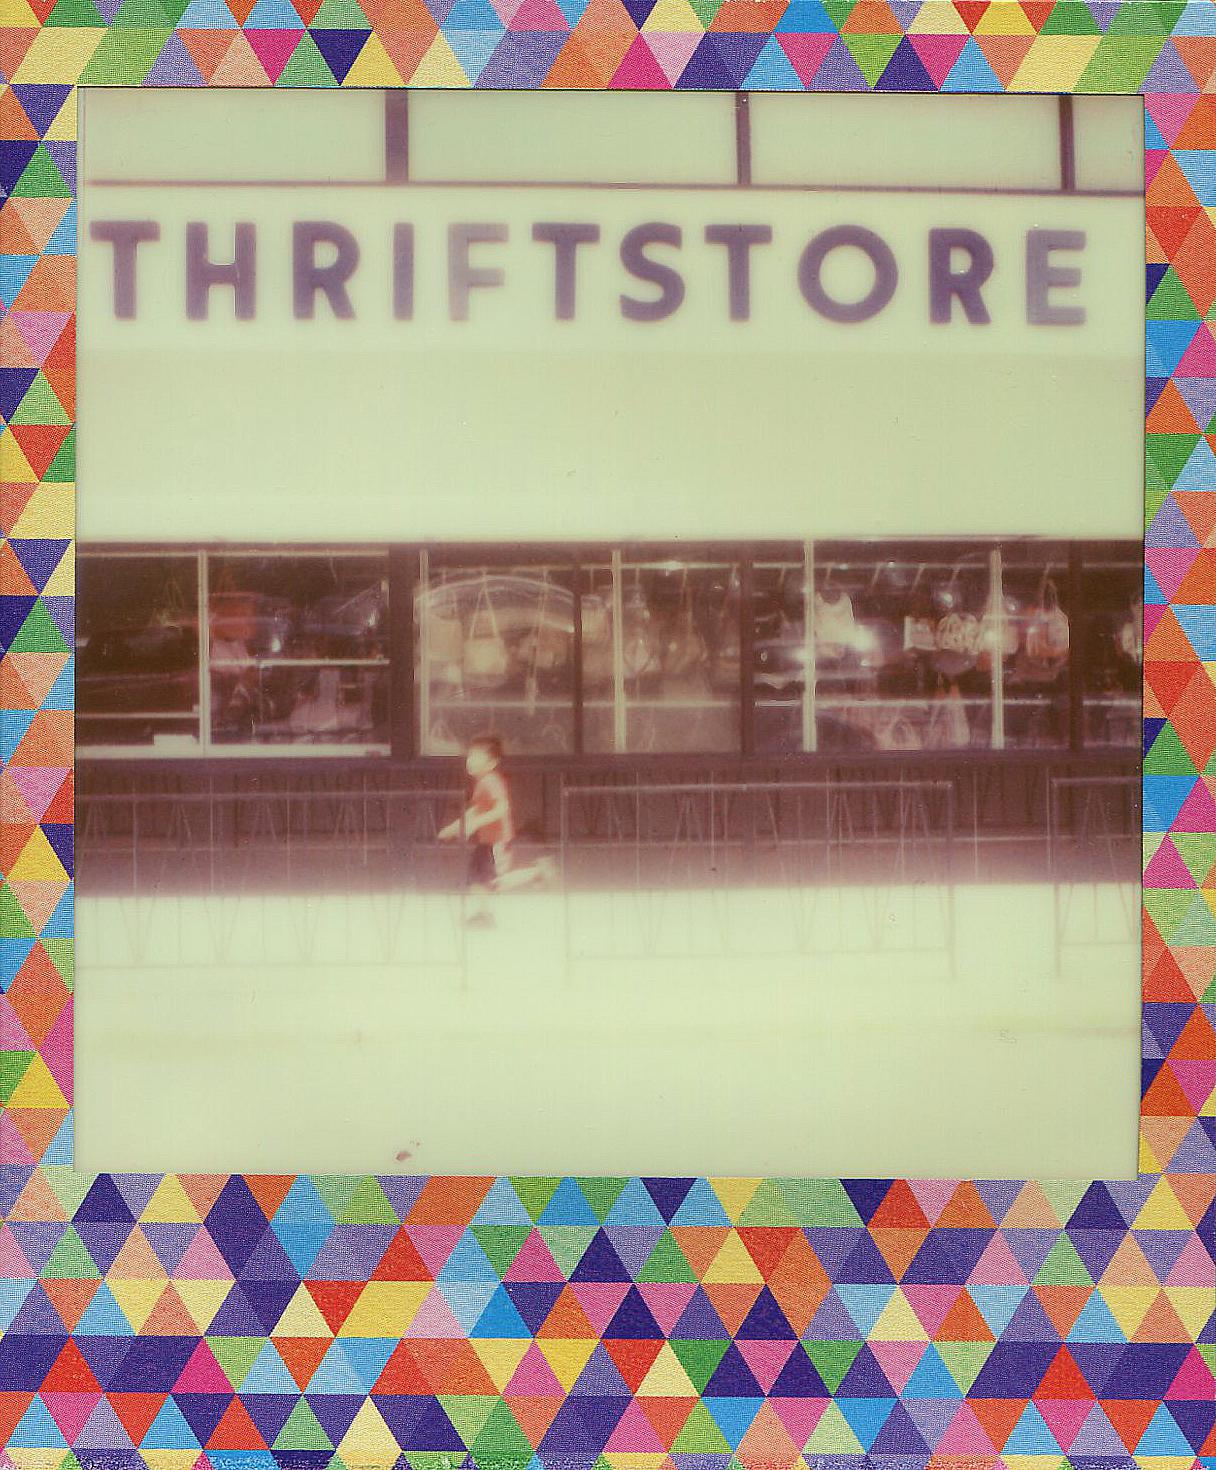 Village Thrift 4 Pigeonhole TIP PX680 07-2013.jpg